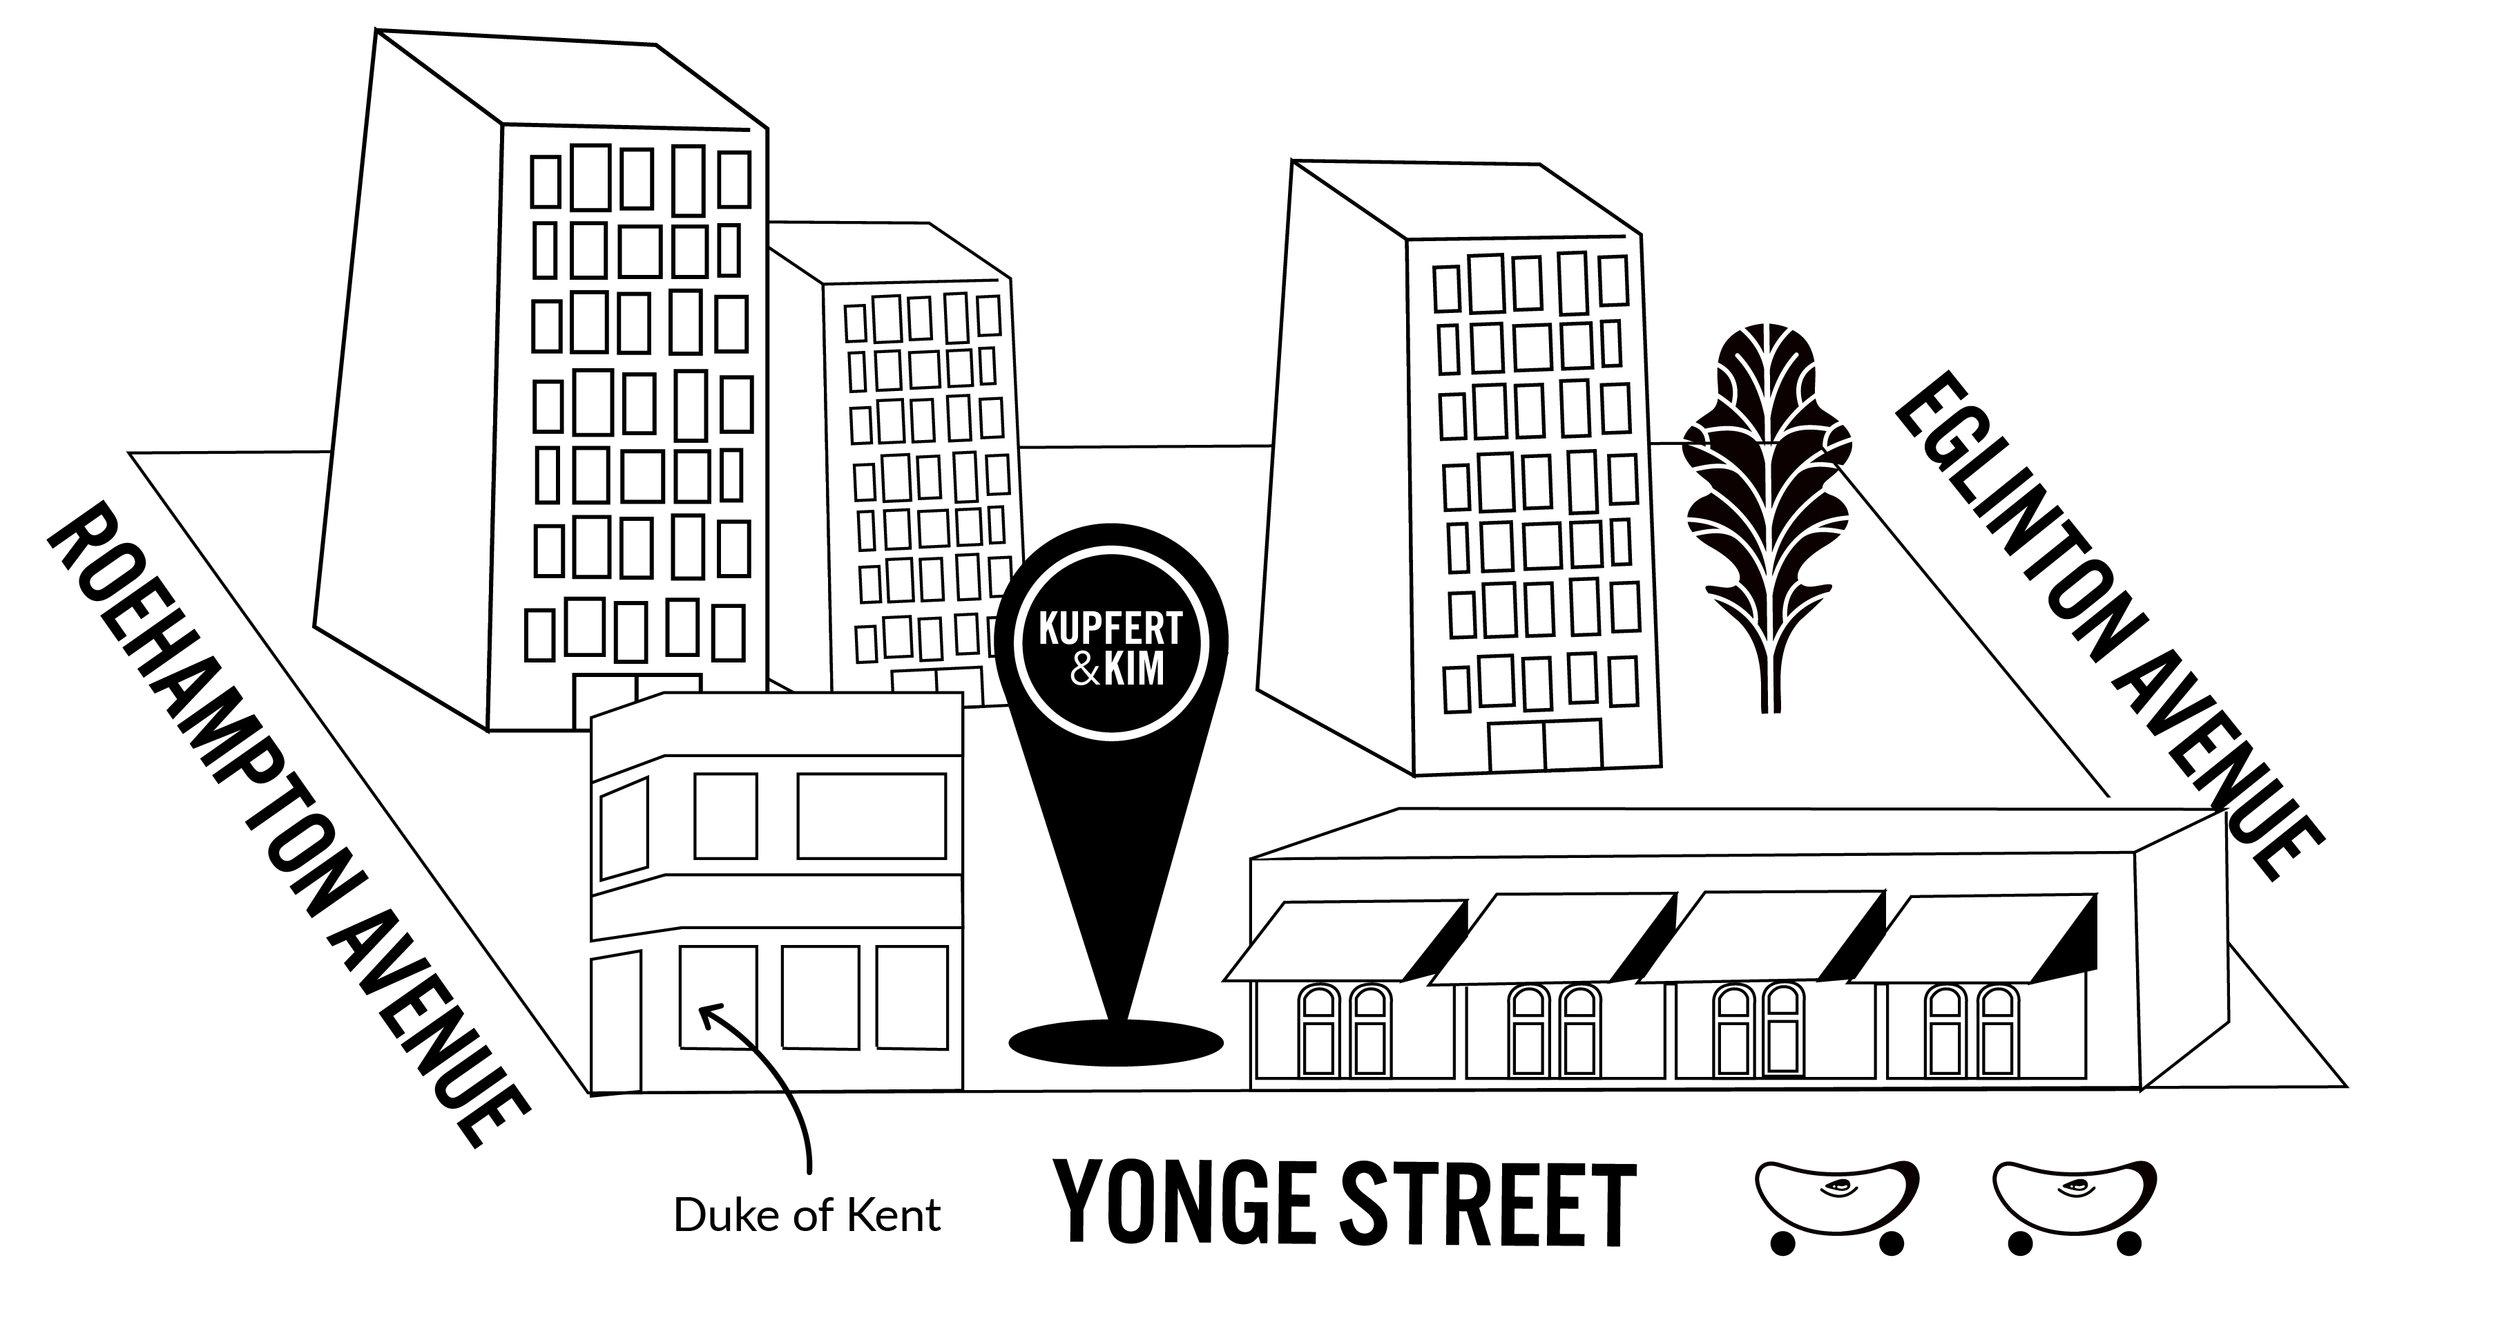 yonge-eglinton-map-01.jpg